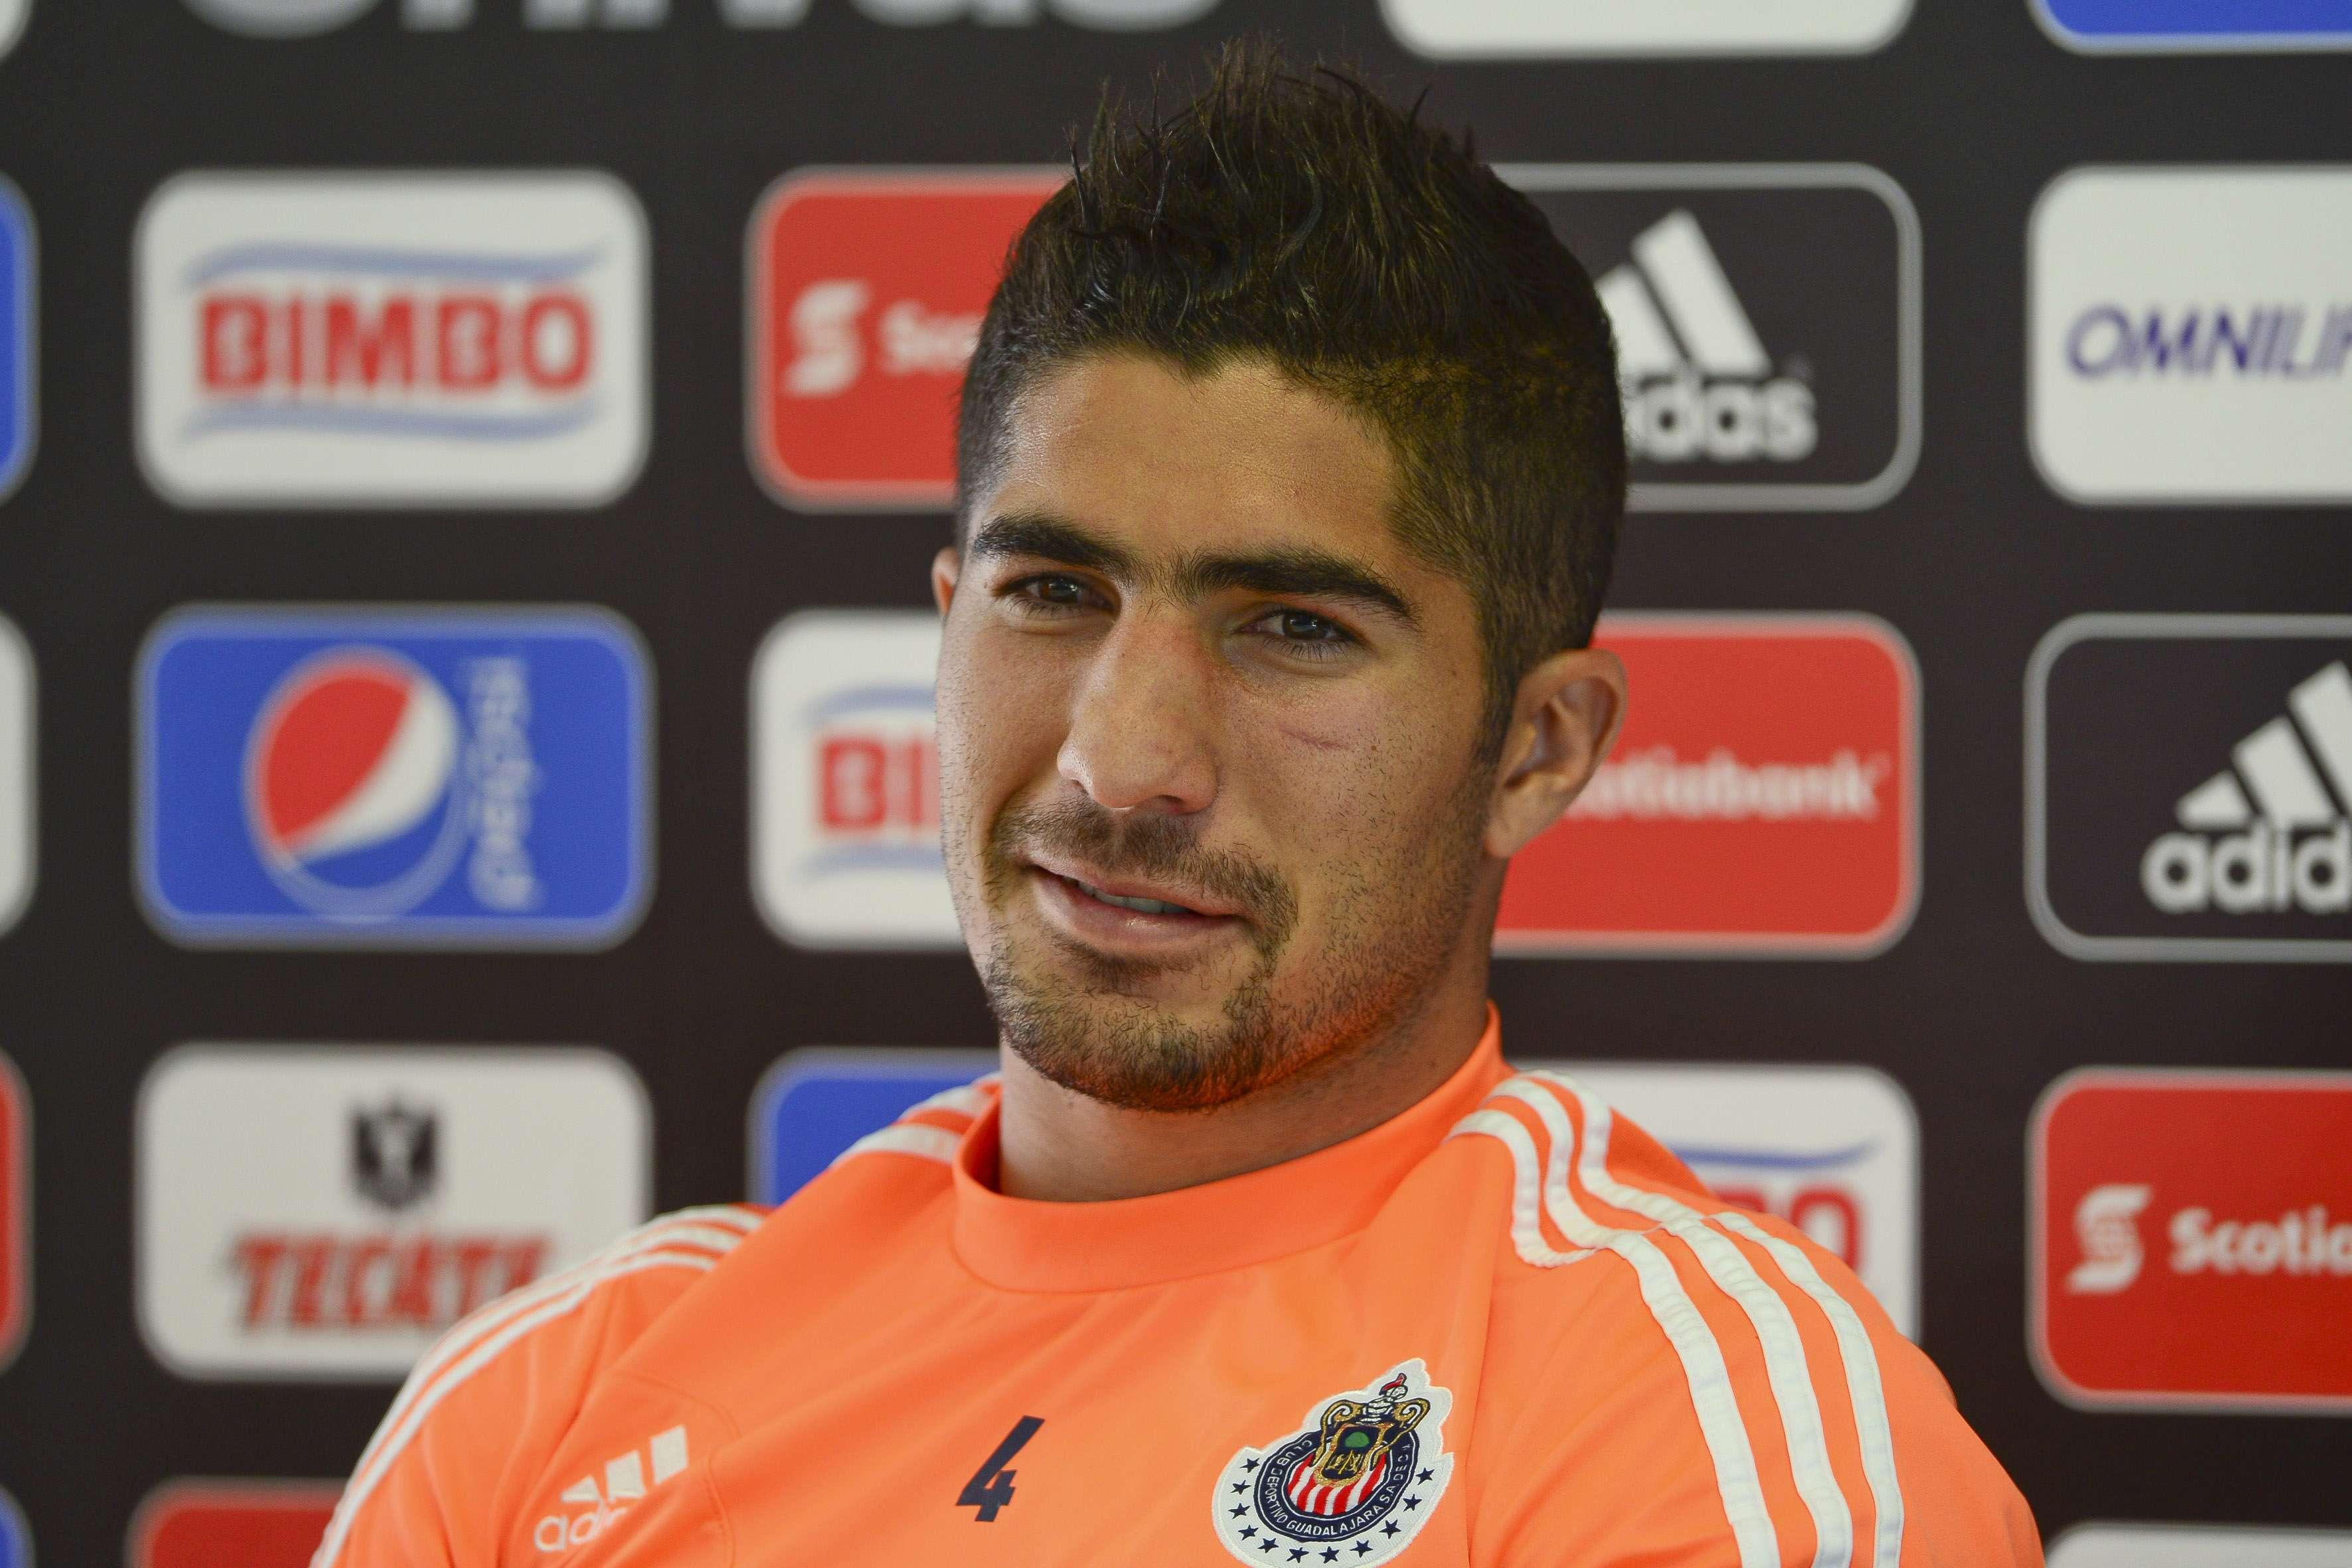 El defensor regresó a los entrenamientos y se espera que pueda estar listo para la siguiente jornada. Foto: Mexsport